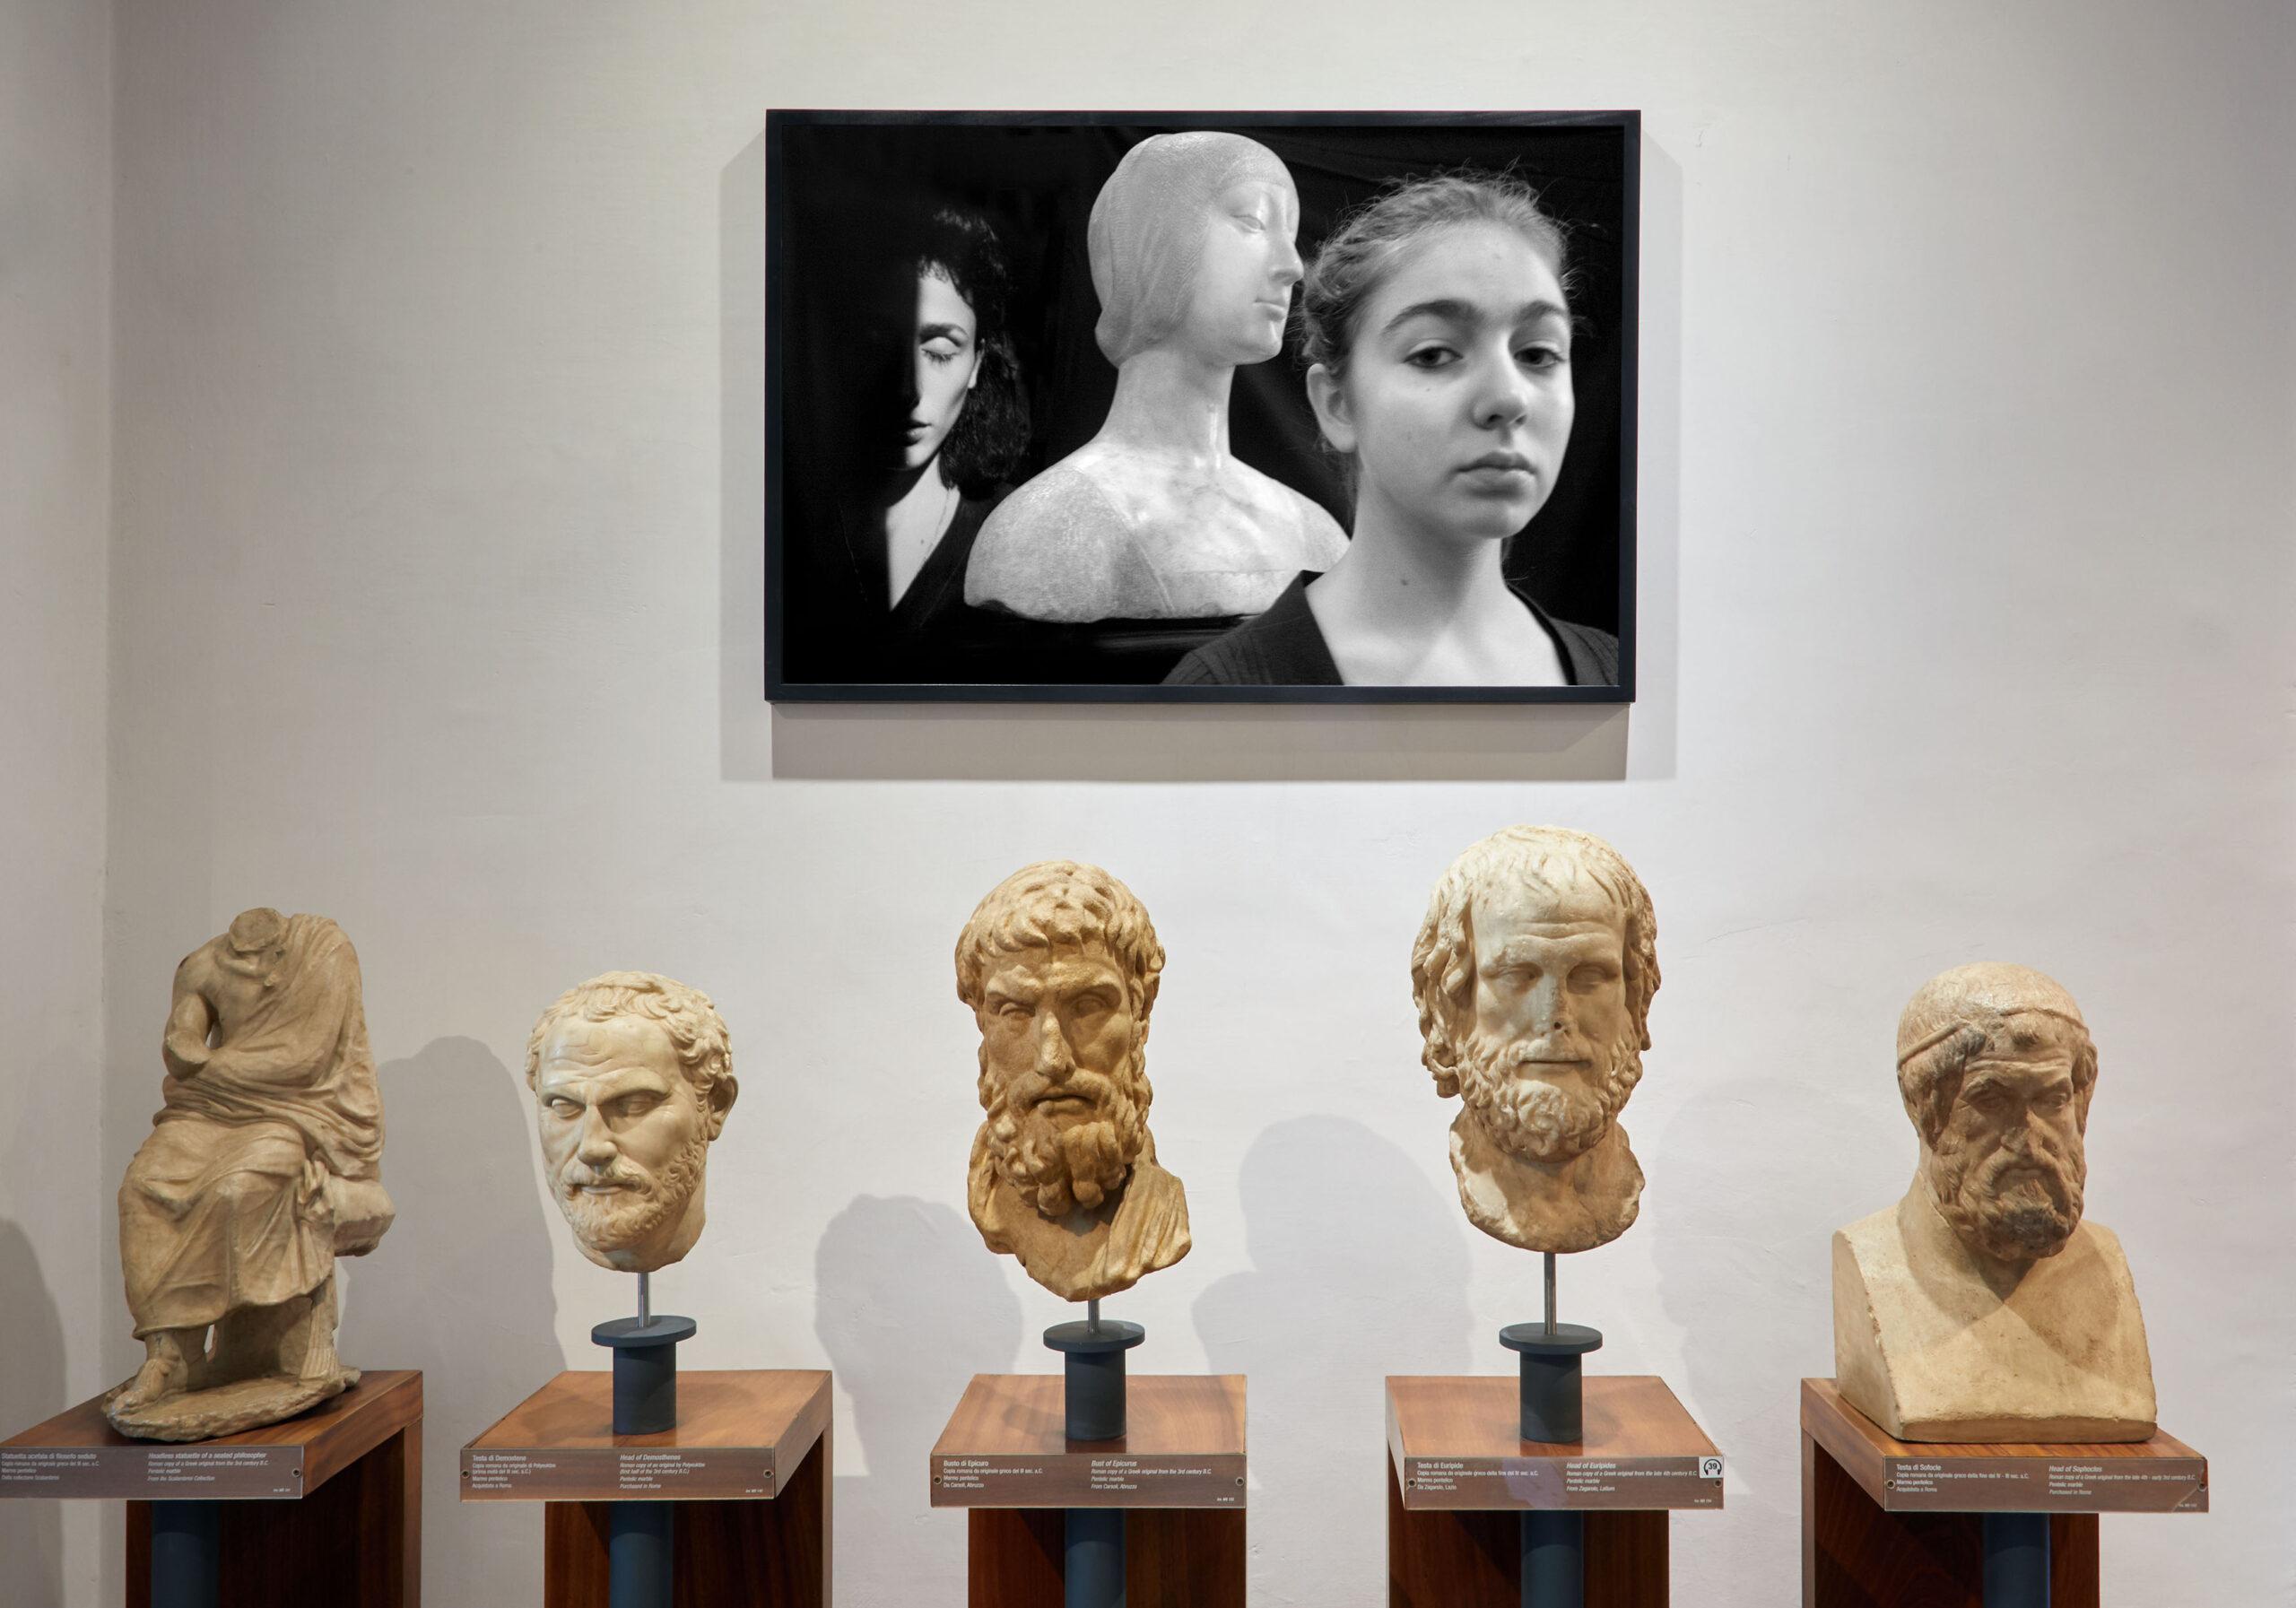 La Vita Nova L'amore in Dante nello sguardo di 10 artiste, LETIZIA BATTAGLIA